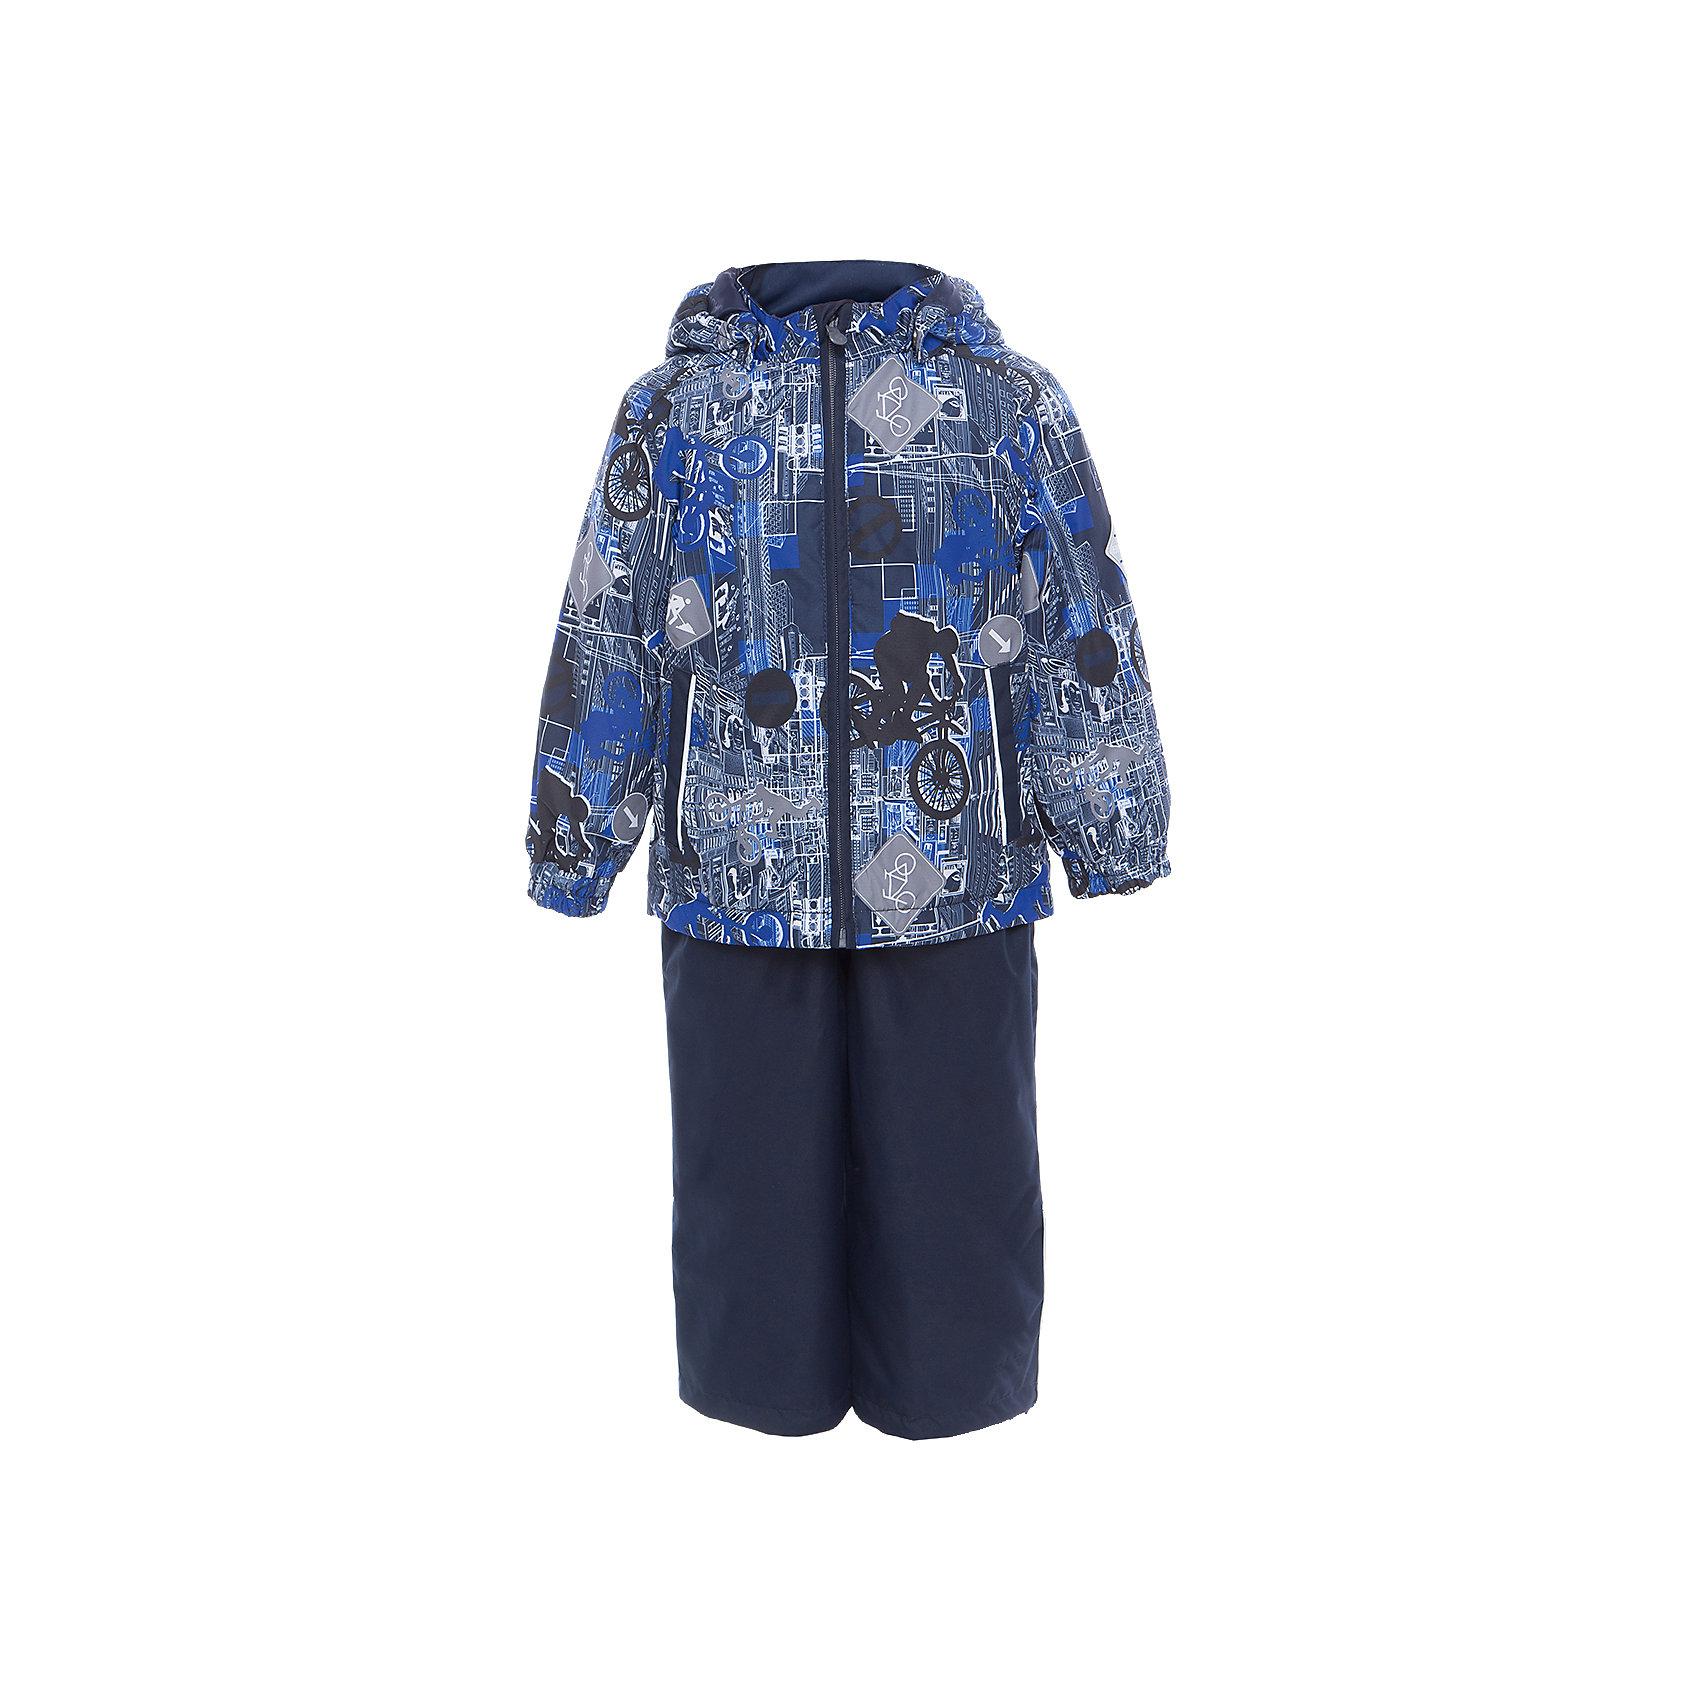 Комплект: куртка и полукомбинезон YOKO для мальчика HuppaВерхняя одежда<br>Характеристики товара:<br><br>• цвет: тёмно-синий принт<br>• комплектация: куртка и полукомбинезон <br>• ткань: 100% полиэстер<br>• подкладка: тафта - 100% полиэстер<br>• утеплитель: в куртке и в брюках - 100% полиэстер 100 г<br>• температурный режим: от -5°С до +10°С<br>• водонепроницаемость: 10000 мм<br>• воздухопроницаемость: 10000 мм<br>• светоотражающие детали<br>• шов сидения проклеен<br>• эластичный шнур по низу куртки<br>• эластичный шнур с фиксатором внизу брючин<br>• съёмный капюшон с резинкой<br>• эластичные манжеты рукавов<br>• регулируемые низы брючин<br>• без внутренних швов<br>• резиновые подтяжки<br>• коллекция: весна-лето 2017<br>• страна бренда: Эстония<br><br>Такой модный демисезонный комплект  обеспечит детям тепло и комфорт. Он сделан из материала, отталкивающего воду, и дополнен подкладкой с утеплителем, поэтому изделие идеально подходит для межсезонья. Материал изделий - с мембранной технологией: защищая от влаги и ветра, он легко выводит лишнюю влагу наружу. Комплект очень симпатично смотрится. <br><br>Одежда и обувь от популярного эстонского бренда Huppa - отличный вариант одеть ребенка можно и комфортно. Вещи, выпускаемые компанией, качественные, продуманные и очень удобные. Для производства изделий используются только безопасные для детей материалы. Продукция от Huppa порадует и детей, и их родителей!<br><br>Комплект: куртка и полукомбинезон YOKO от бренда Huppa (Хуппа) можно купить в нашем интернет-магазине.<br><br>Ширина мм: 356<br>Глубина мм: 10<br>Высота мм: 245<br>Вес г: 519<br>Цвет: синий<br>Возраст от месяцев: 72<br>Возраст до месяцев: 84<br>Пол: Мужской<br>Возраст: Детский<br>Размер: 122,104,110,116,98,92<br>SKU: 5346767